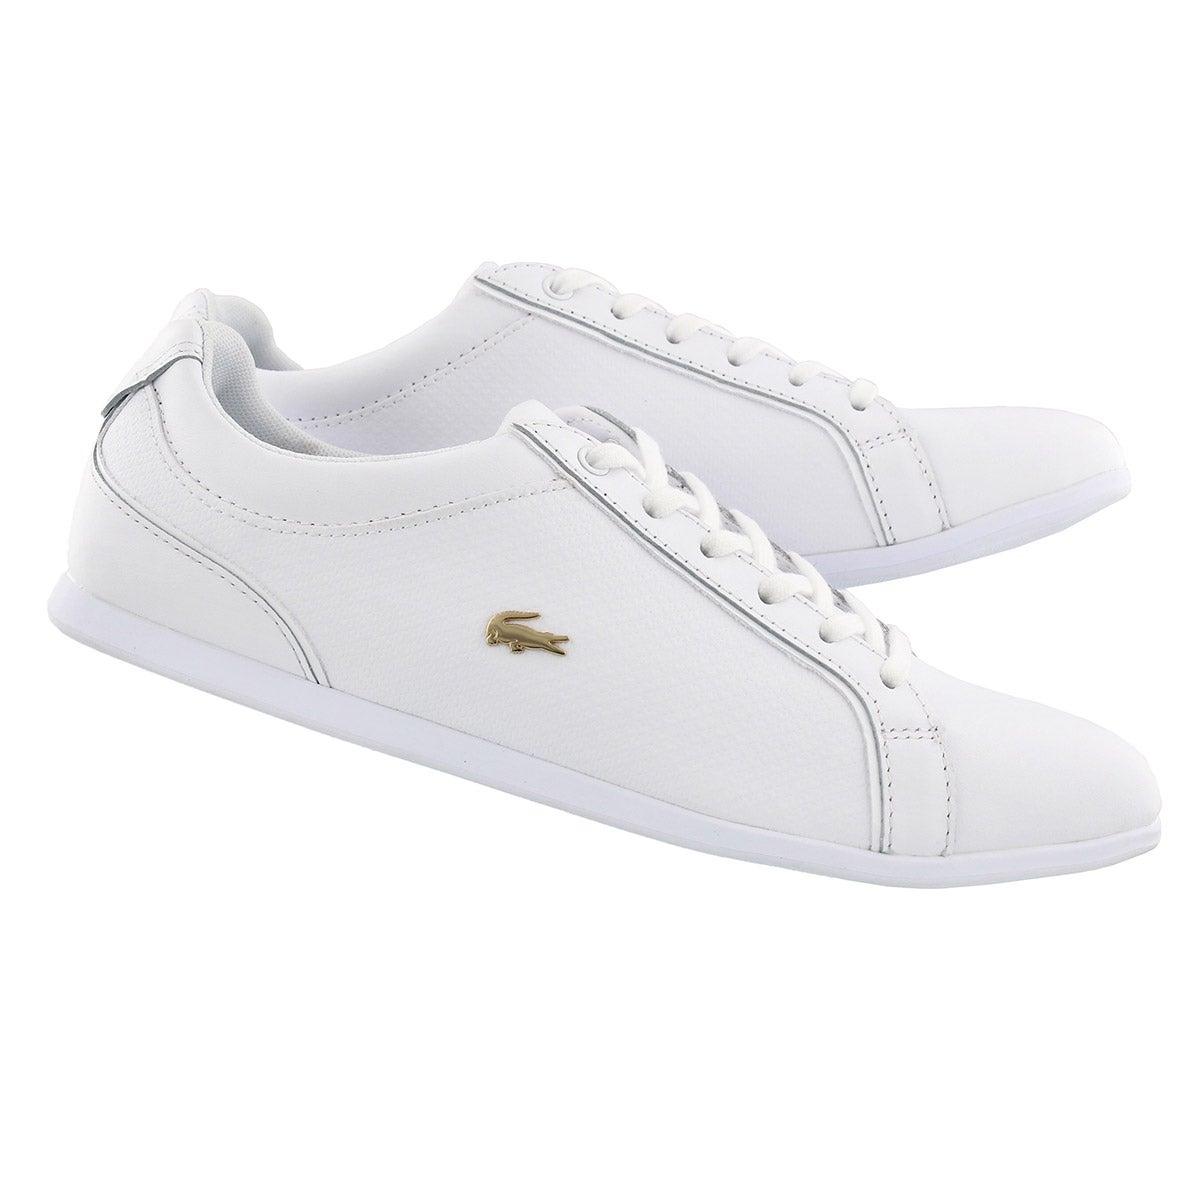 Lds Rey Lace 317 white fashion sneaker